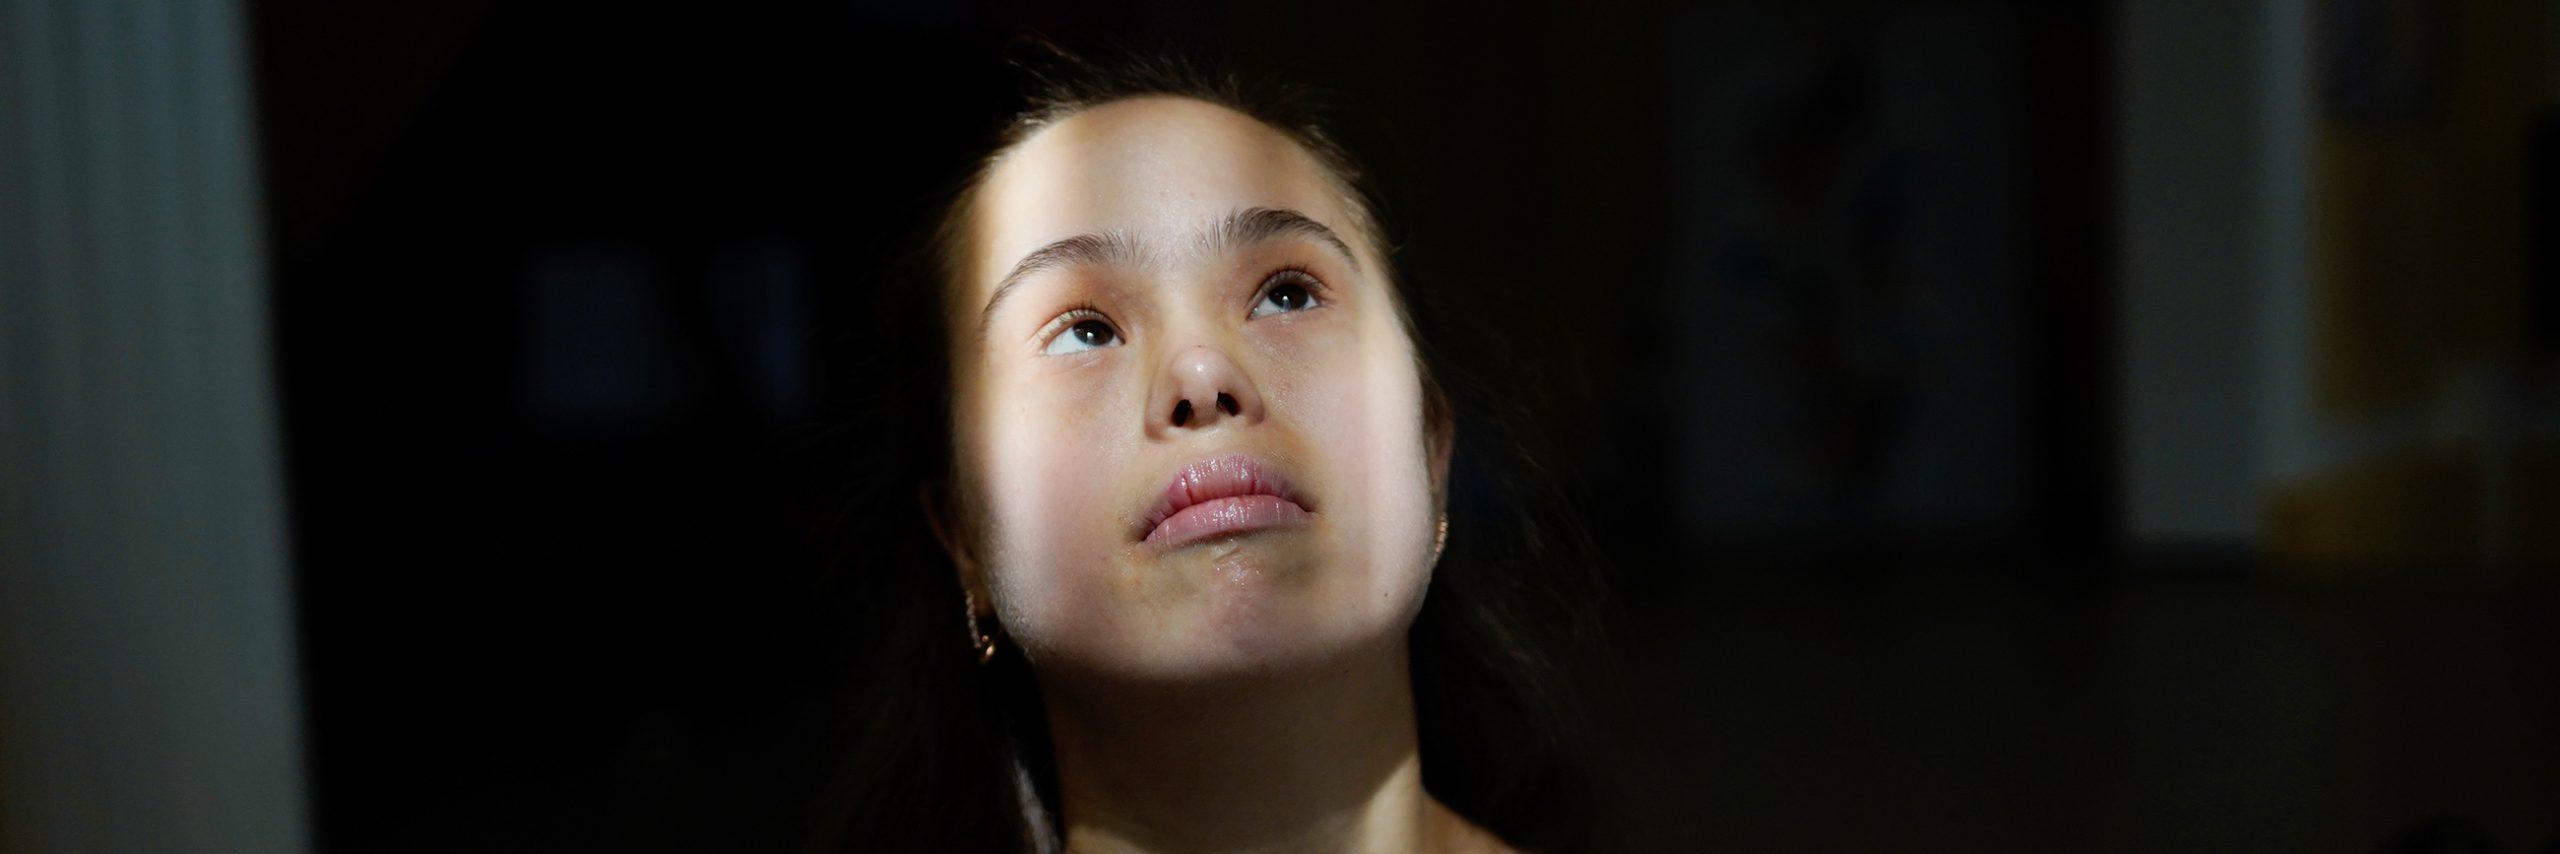 Як піаністка із синдромом Дауна виборює право на освіту